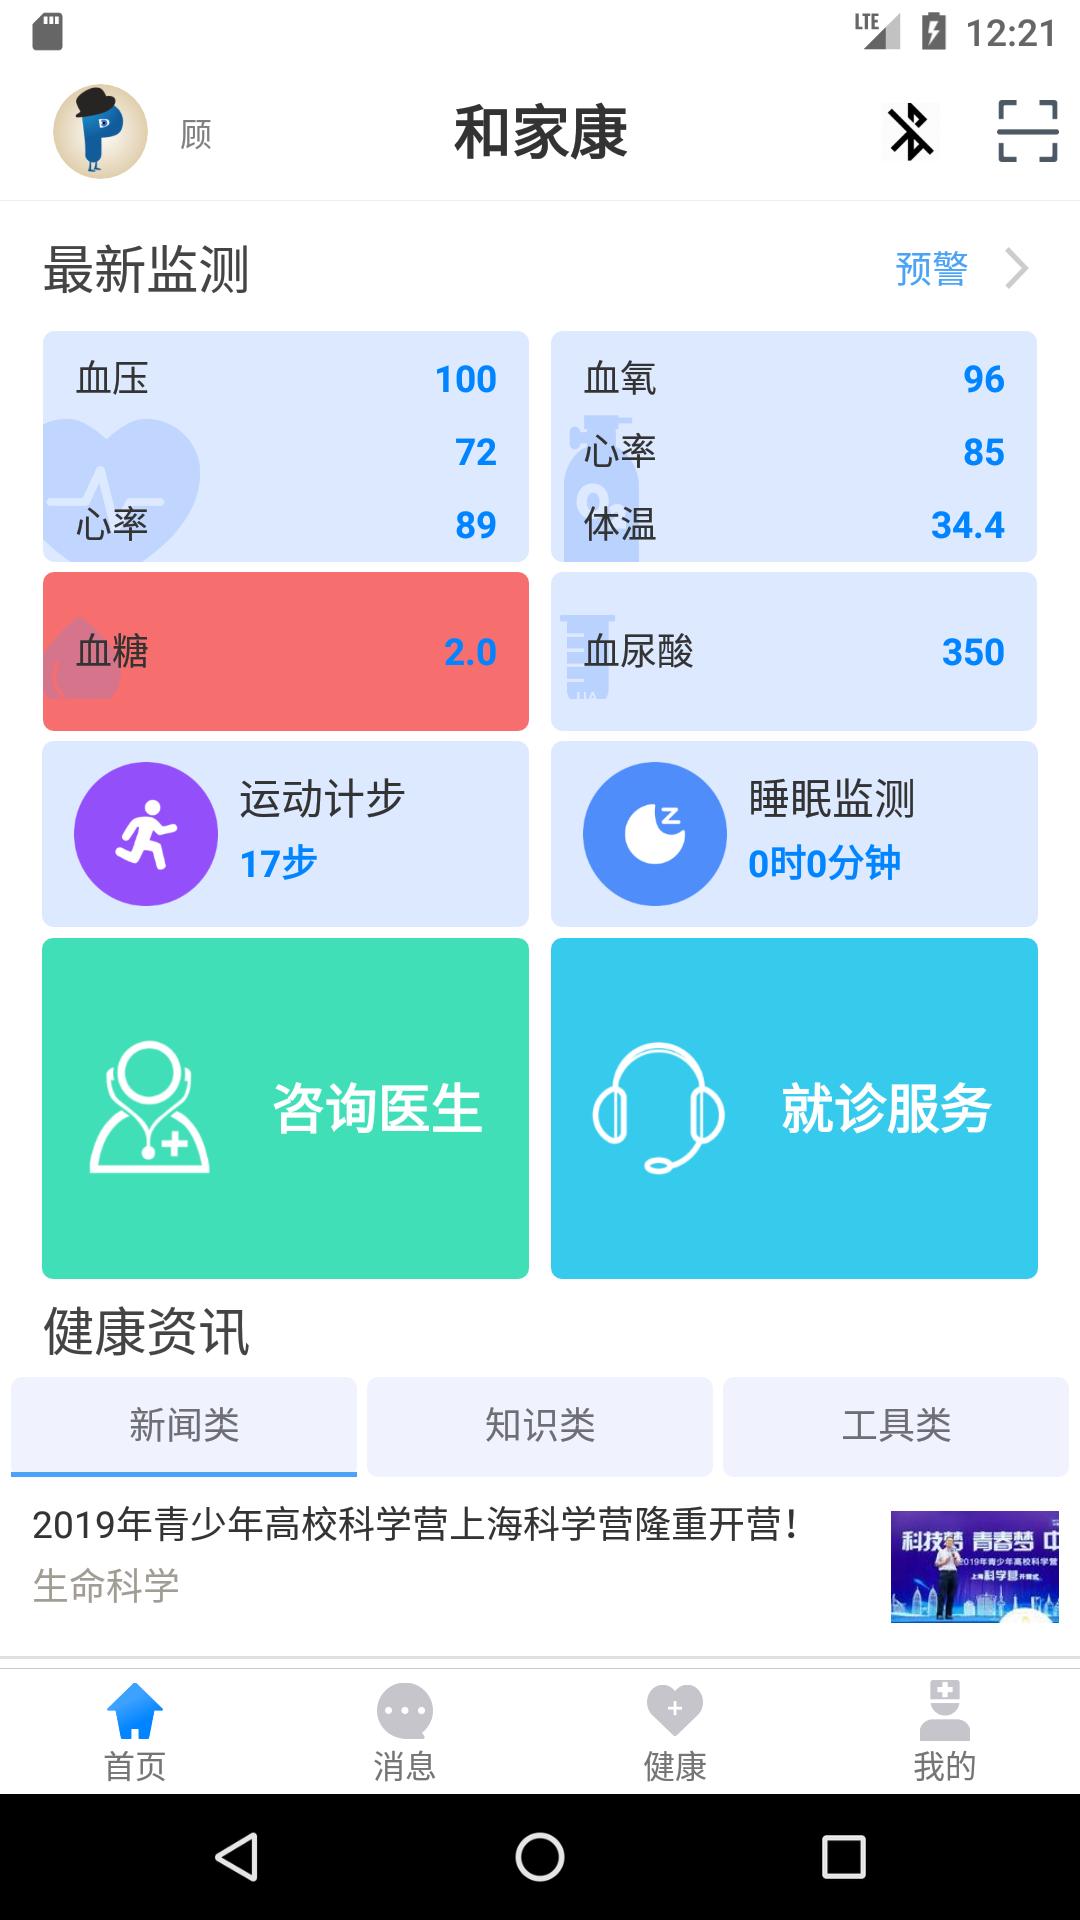 和家康 V2.03.39 安卓版截图1